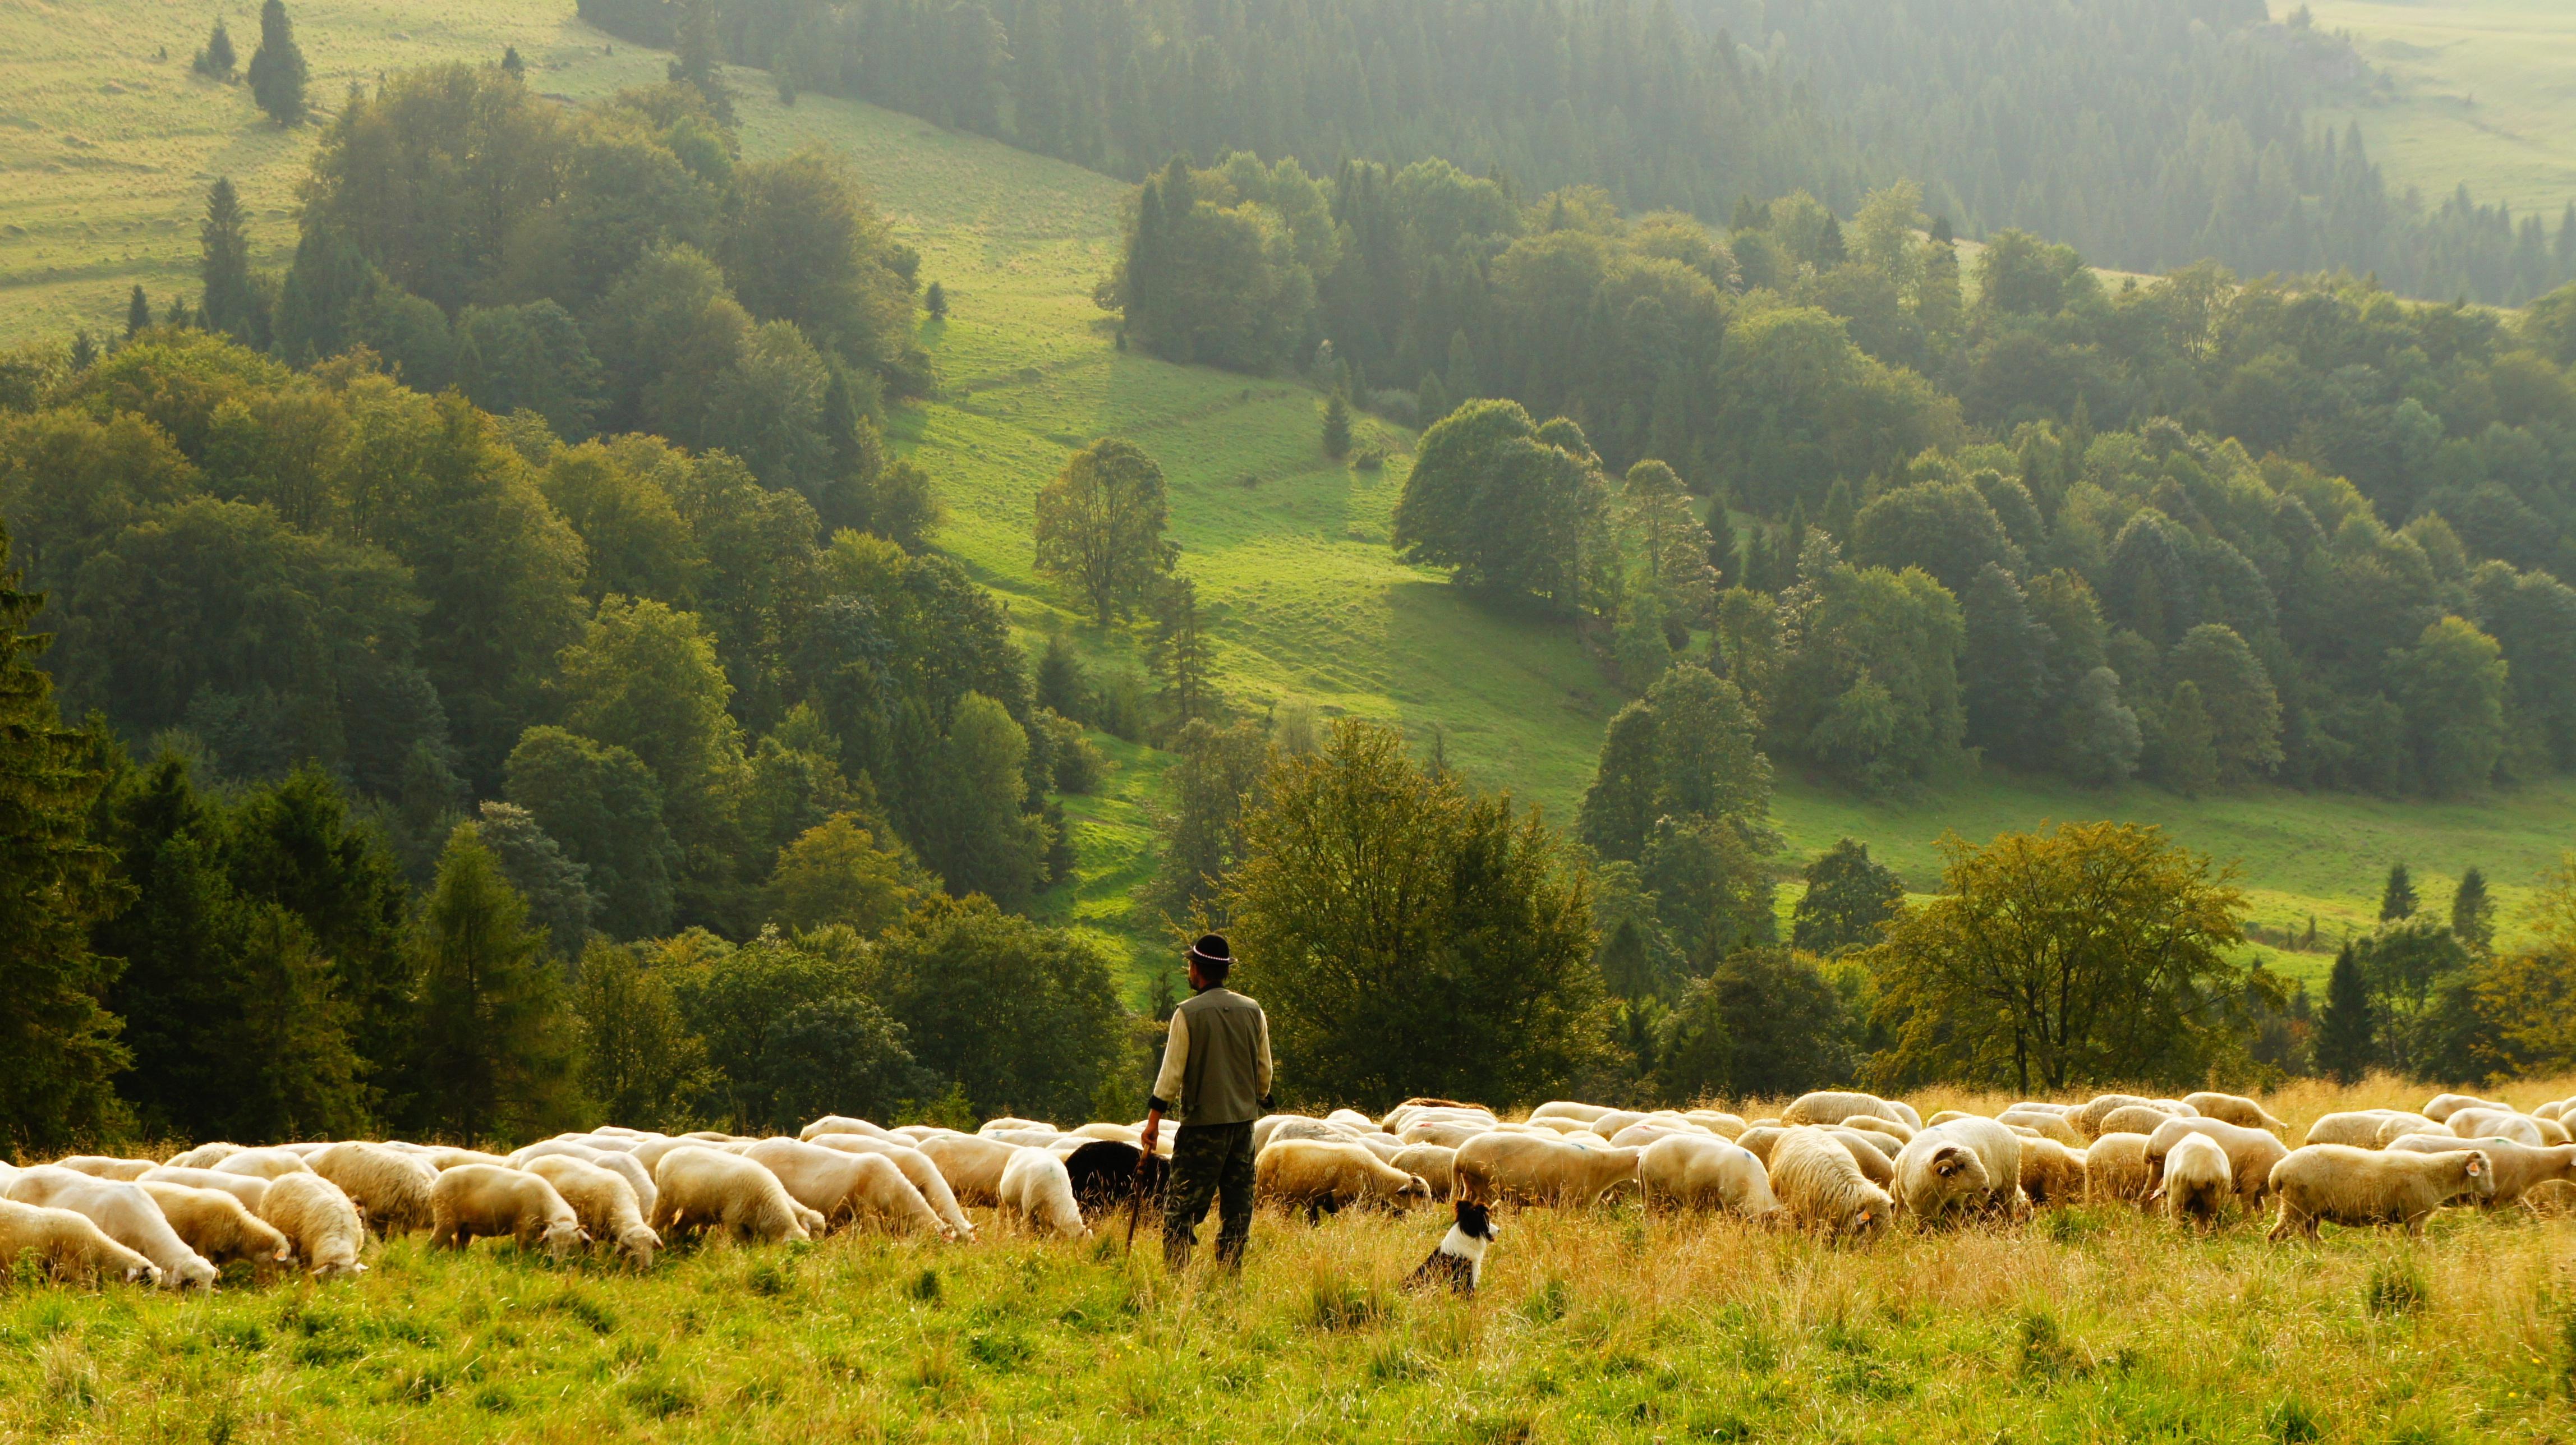 Shepherd, sheep, guide, grazing, mountain, hill, countryside